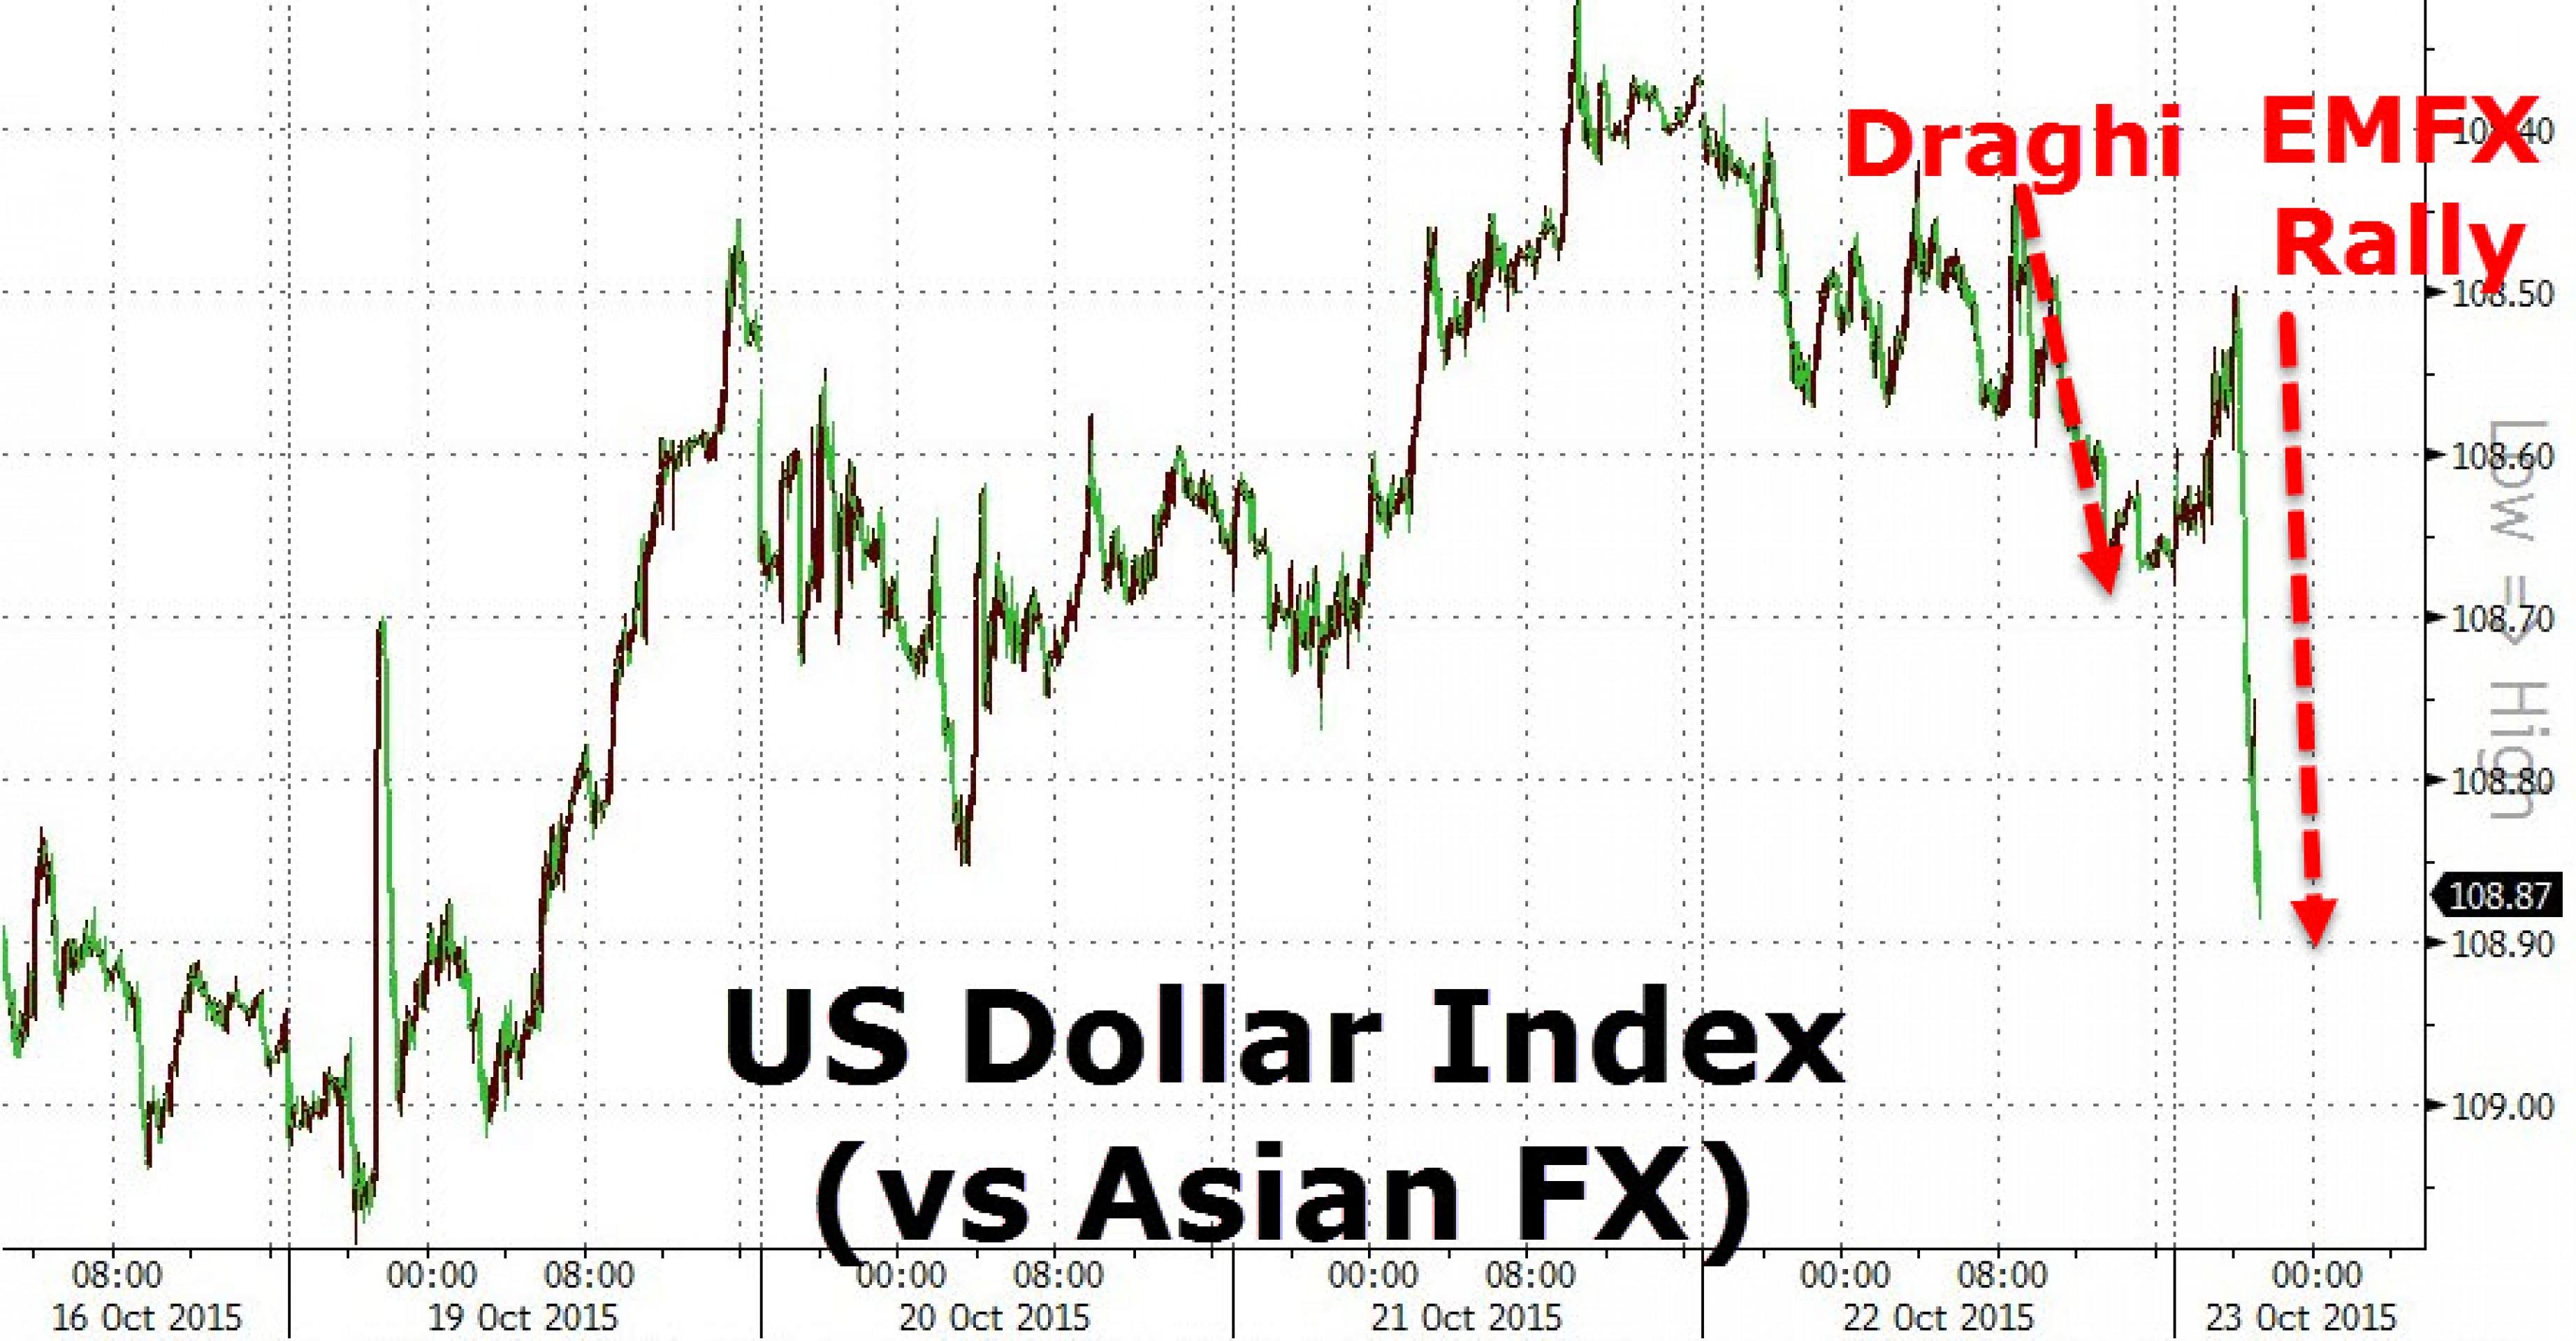 Драги обеспечил ралли валют развивающихся стран